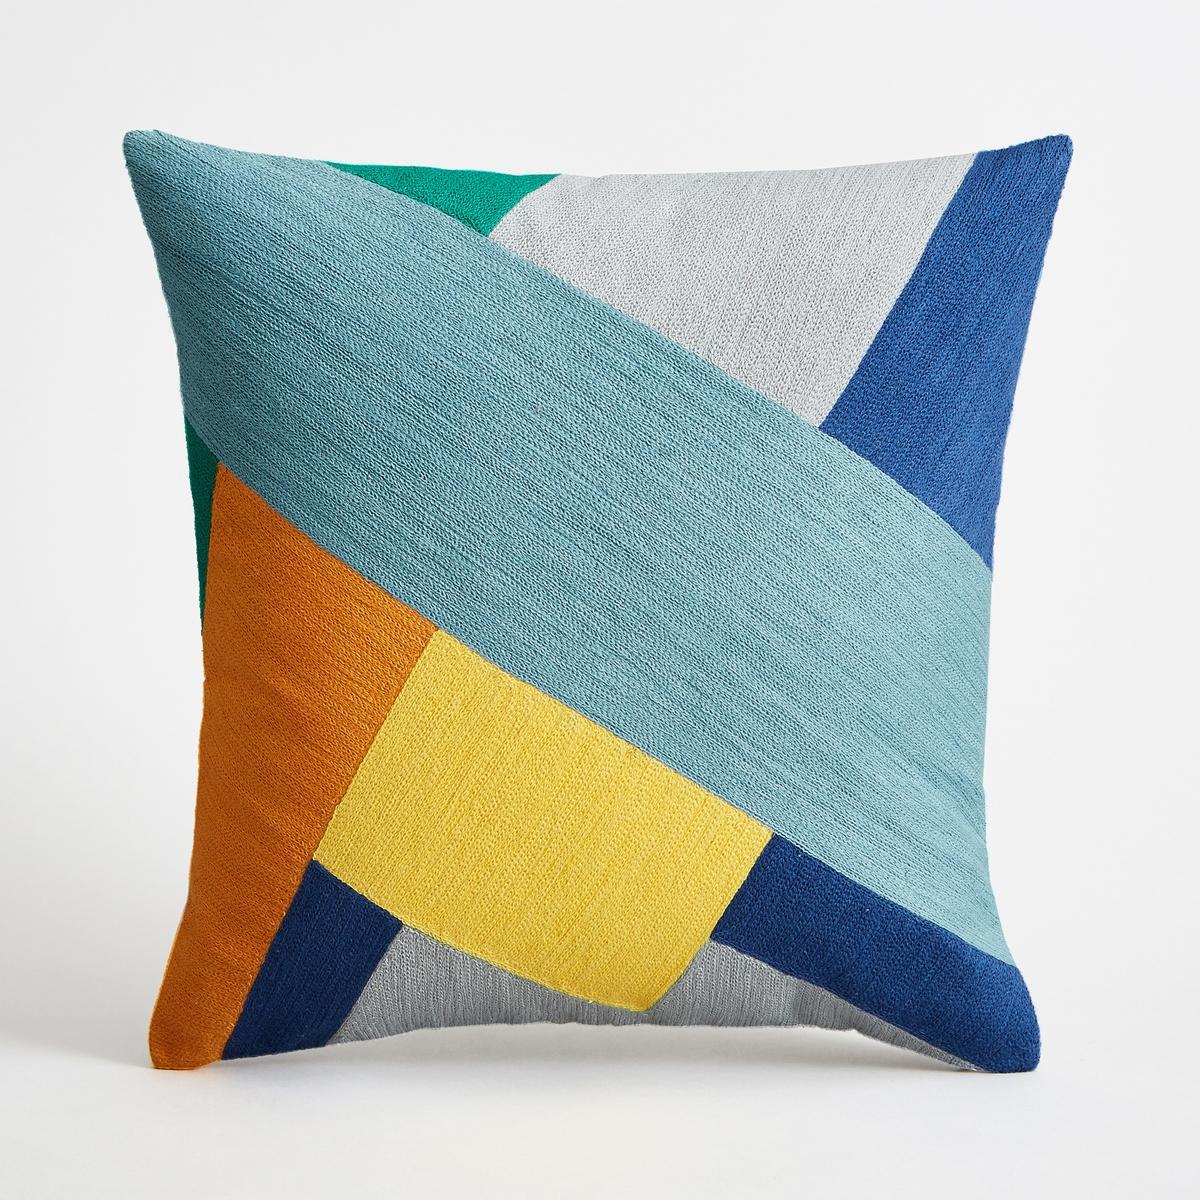 Наволочка на подушку-валик, SaddlerНаволочка на подушку-валик Saddler. Вышитый графический рисунок синего, оранжевого и желтого цветов в виде лоскутов ткани. Однотонная оборотная сторона естественного цвета. Из 100% хлопка, на подкладке. Застежка на молнию наверху. Размеры : 45 x 45 см. Подушка продается отдельно.<br><br>Цвет: синий/ желтый<br>Размер: 45 x 45  см